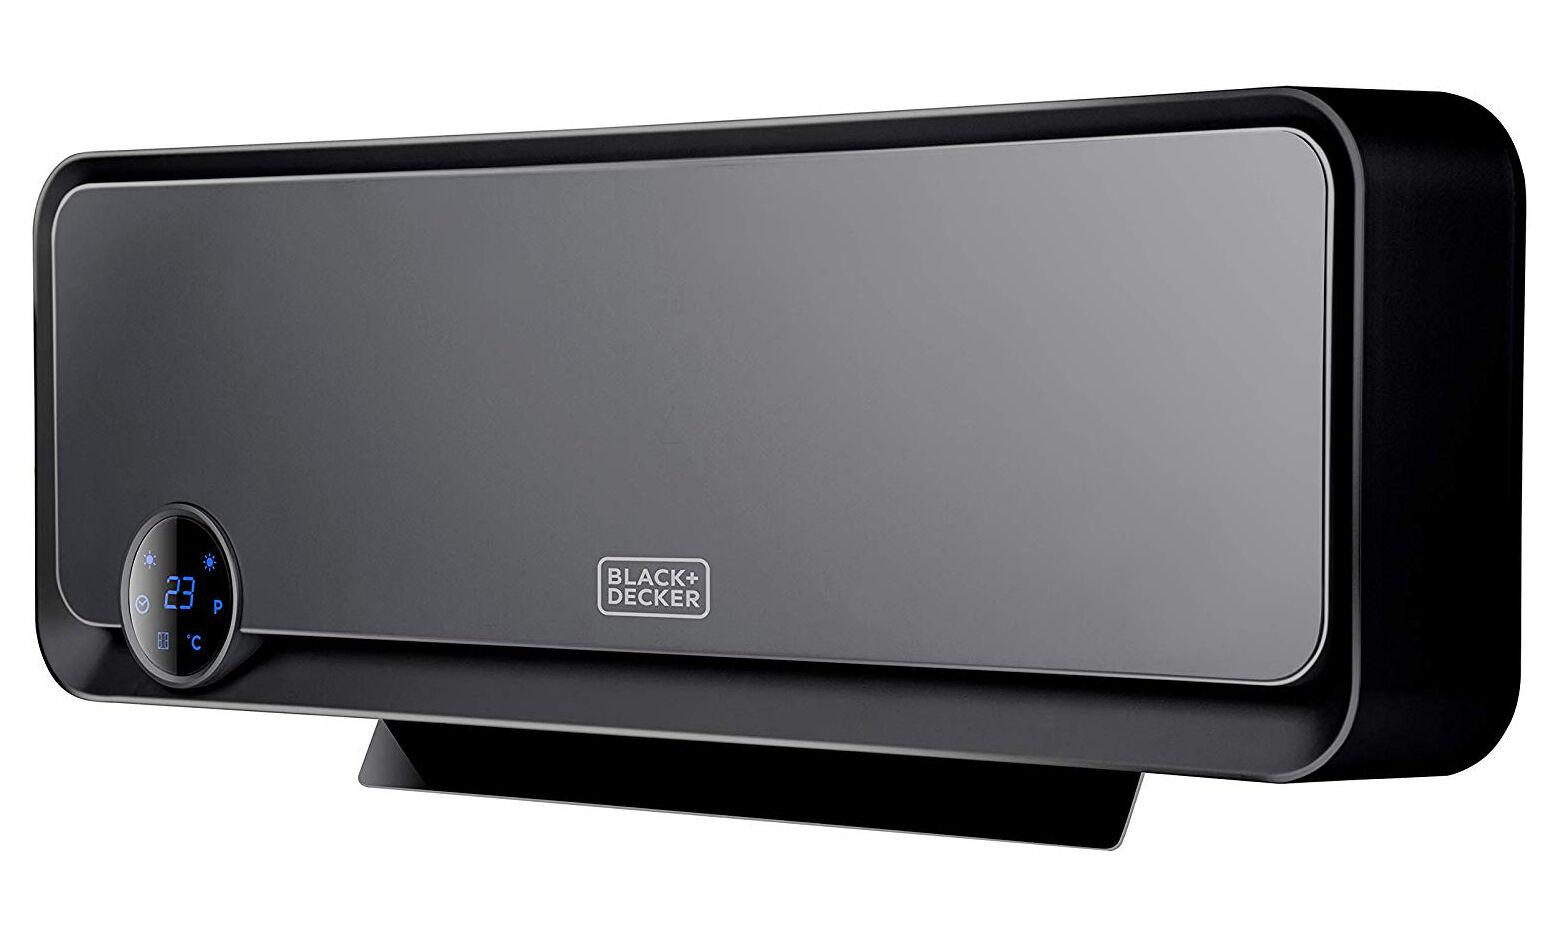 Black & Decker : Termoconvettore ceramico a parete 2000 W con telecomando